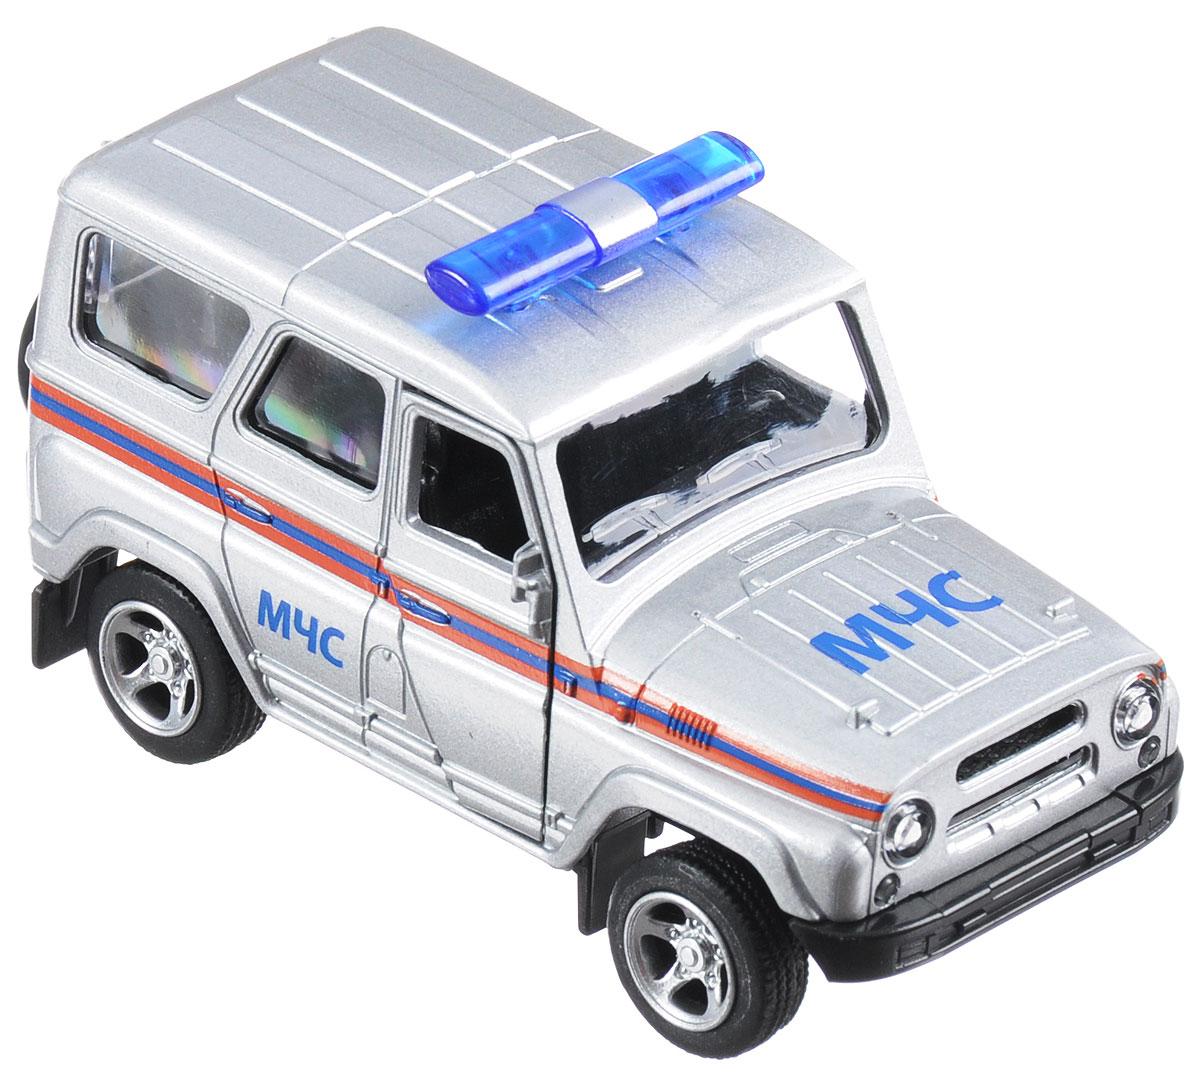 ТехноПарк Машинка инерционная UAZ Hunter МЧС технопарк машинка инерционная уаз hunter вооруженные силы